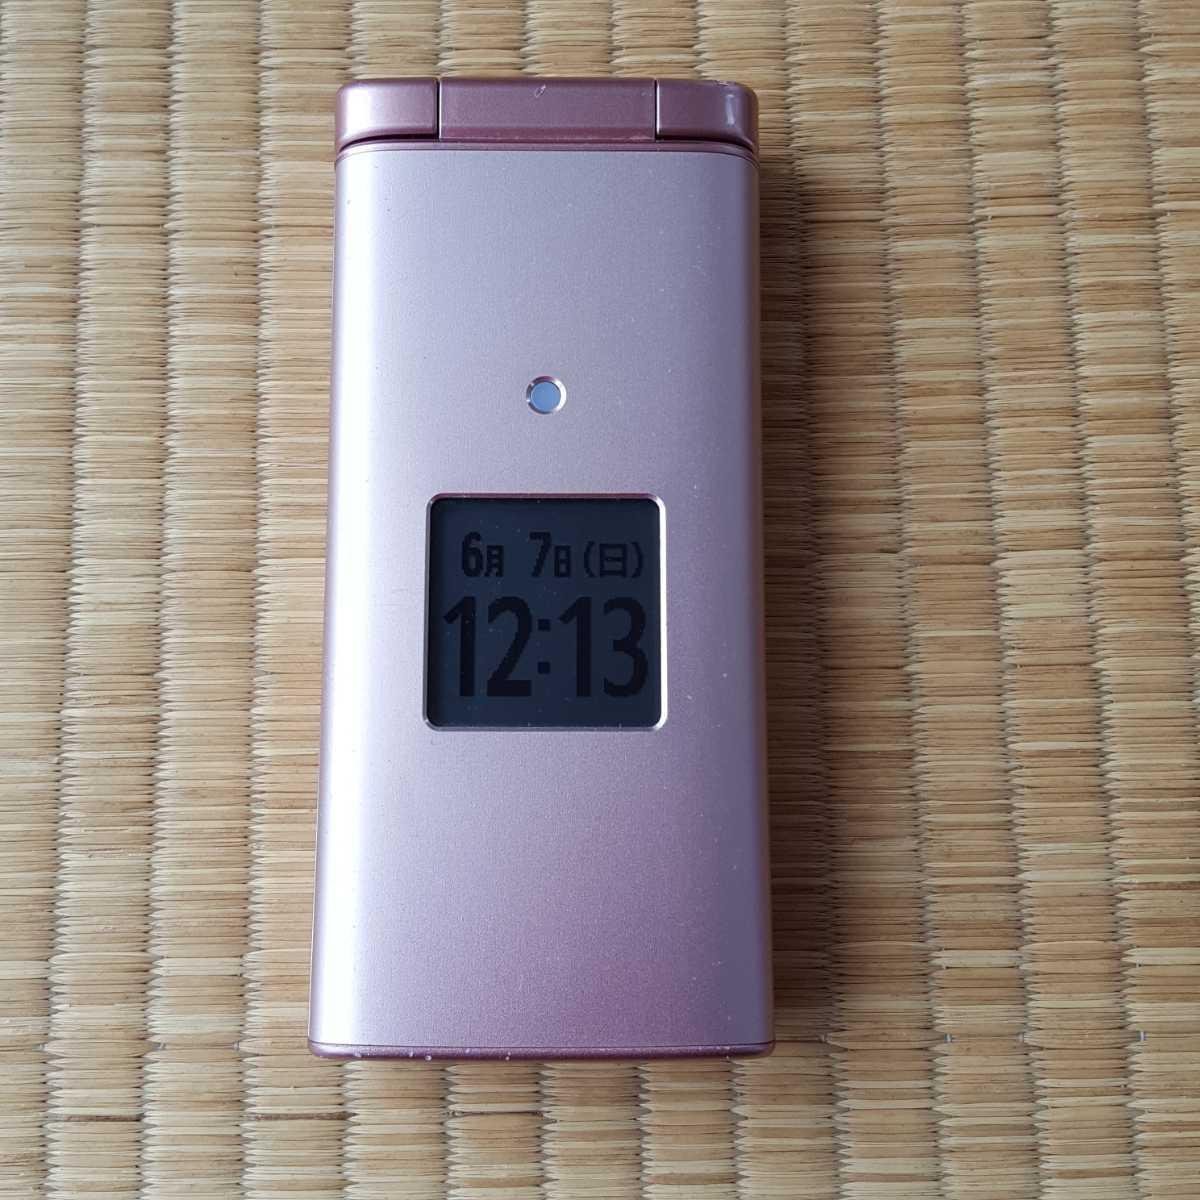 SIMフリー☆4G ガラホ☆au☆KYF36(ピンク)SIMロック解除済☆京セラ SoftBank DOCOMO かんたんケータイ シンプル 使いやすい 携帯 スマホ_画像1